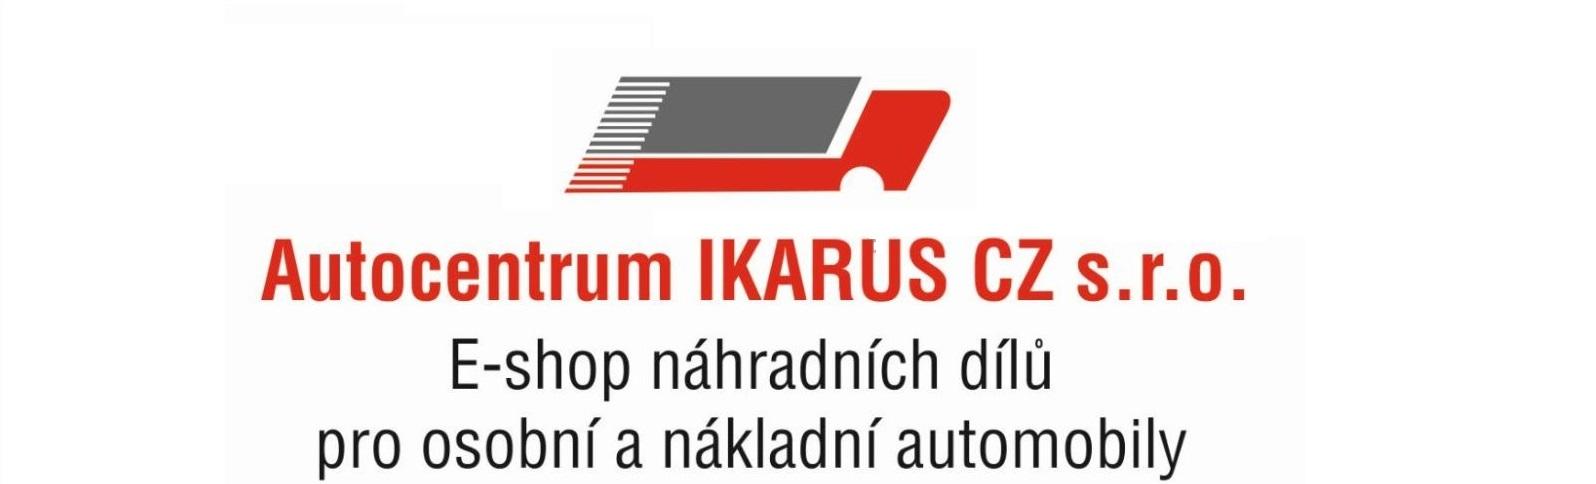 E-SHOP IKARUS